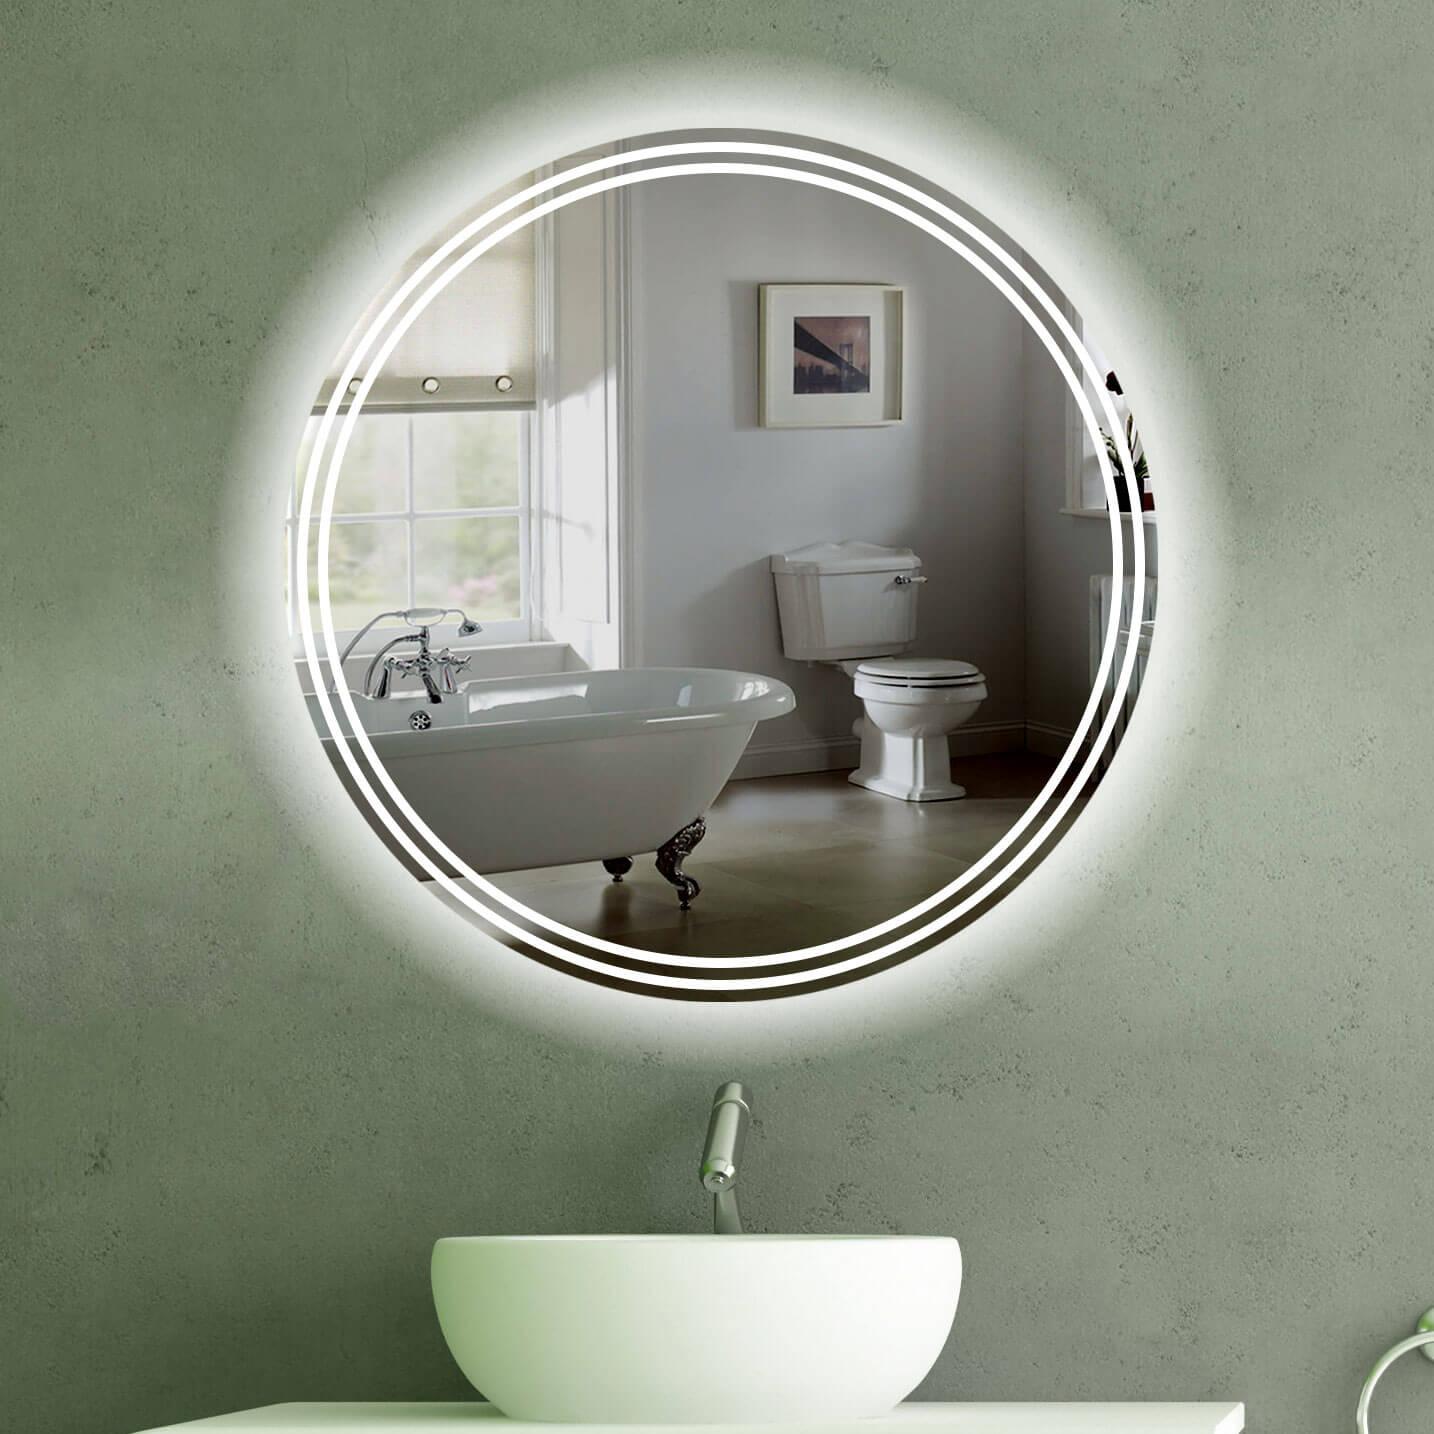 Badspiegel mit Beleuchtung | Spiegel |TÜV geprüft| kostenloser Versand | {Spiegel mit beleuchtung rund 1}